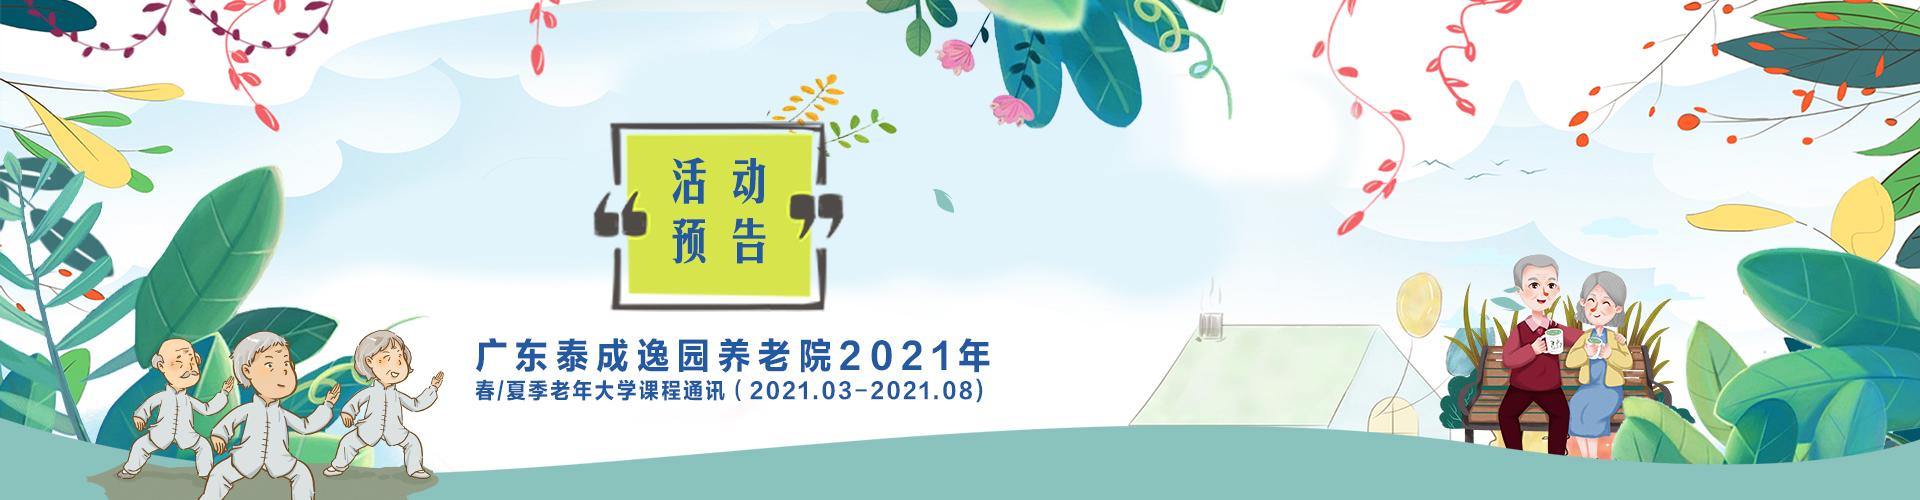 广东泰成逸园养老院2021年老年大学课程_广州泰成逸园养老网